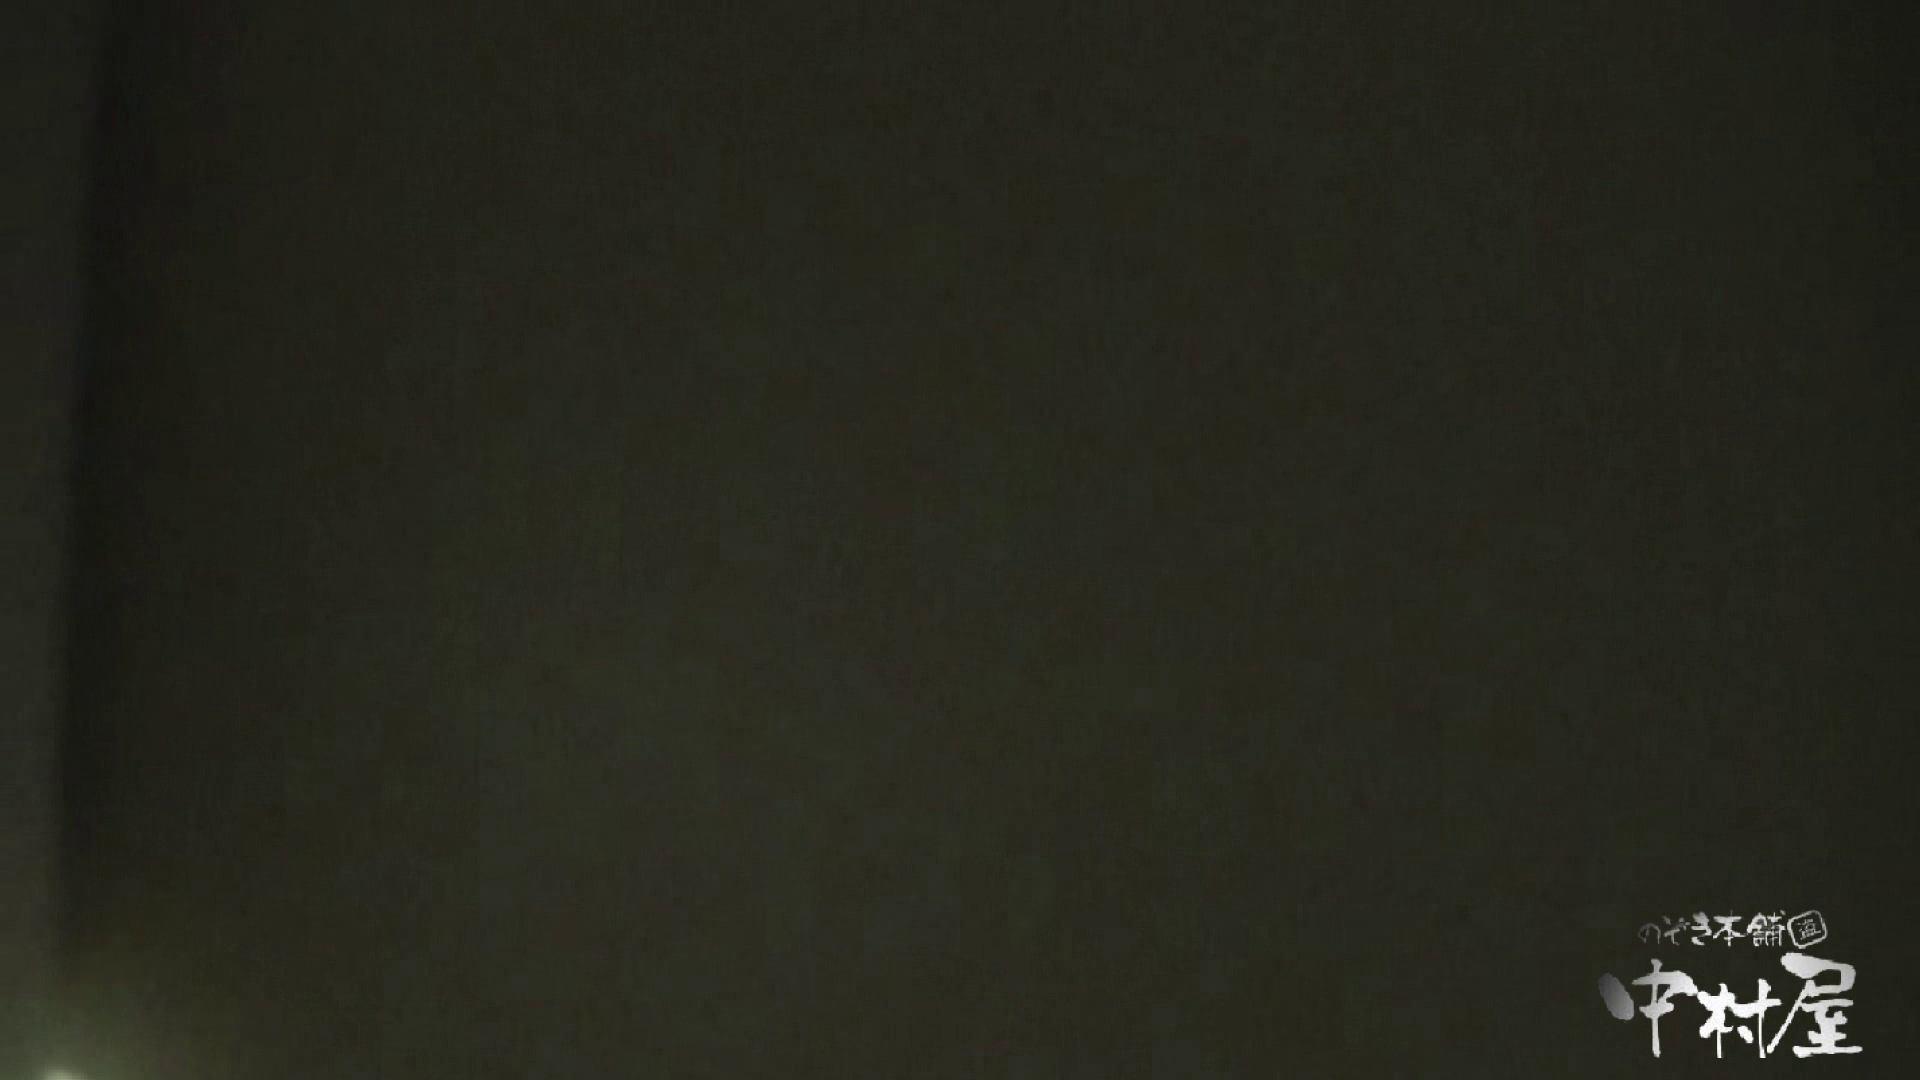 始動します‼雅さんの独断と偏見で集めたVIP限定 動画集Vol.2 期間限定   HなOL  90pic 68